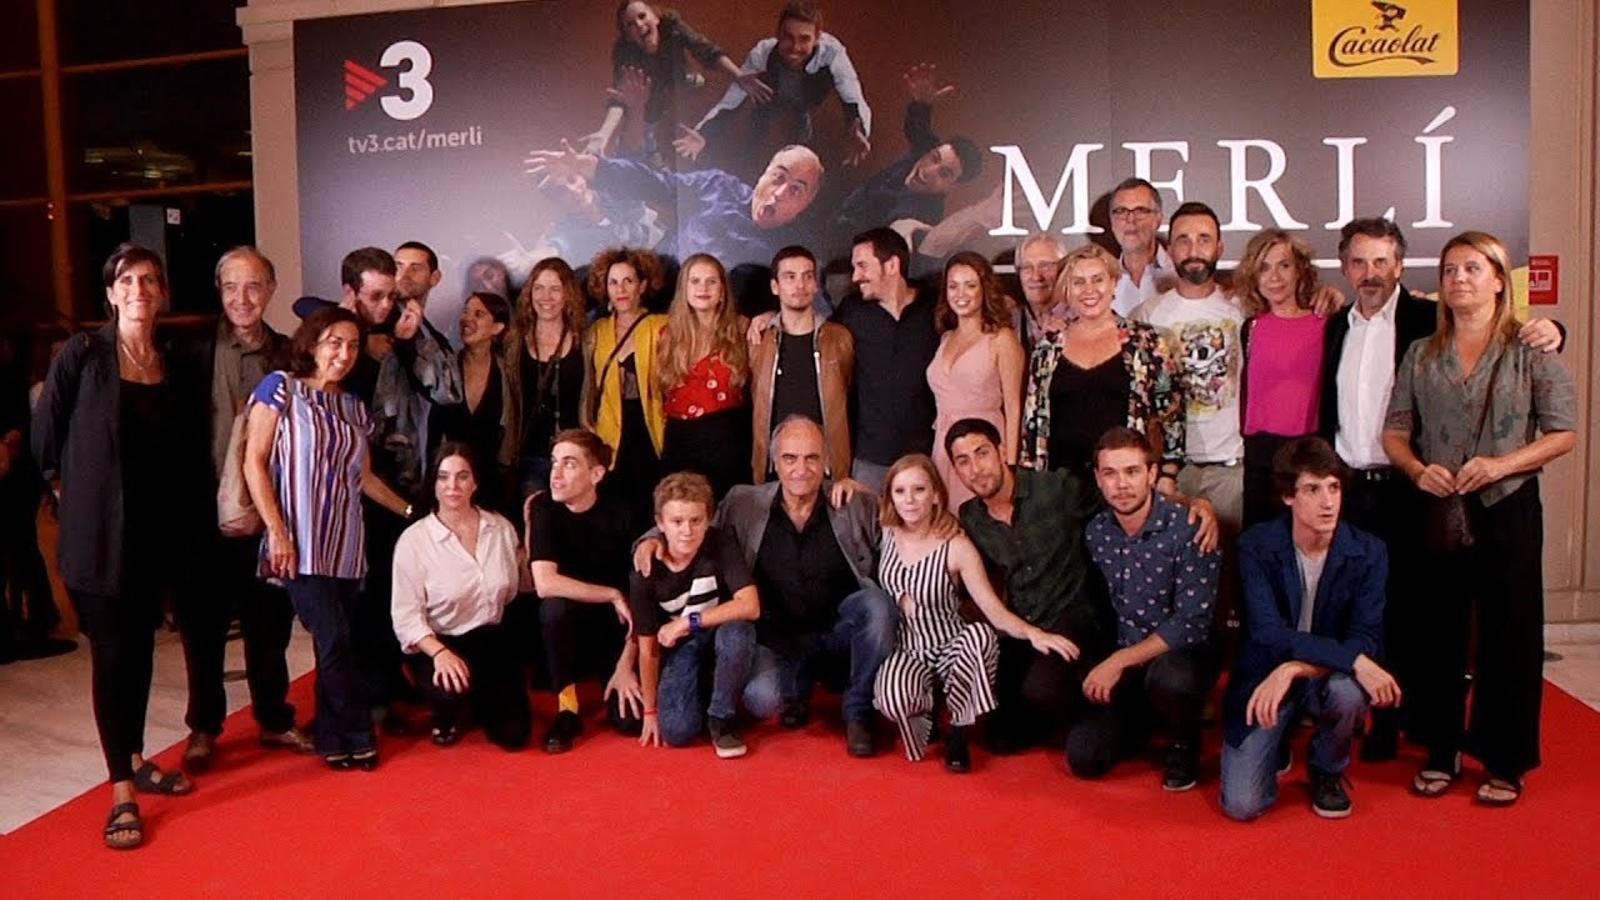 Què expliquen els peripatètics en l'estrena de la 3a temporada de Merlí?